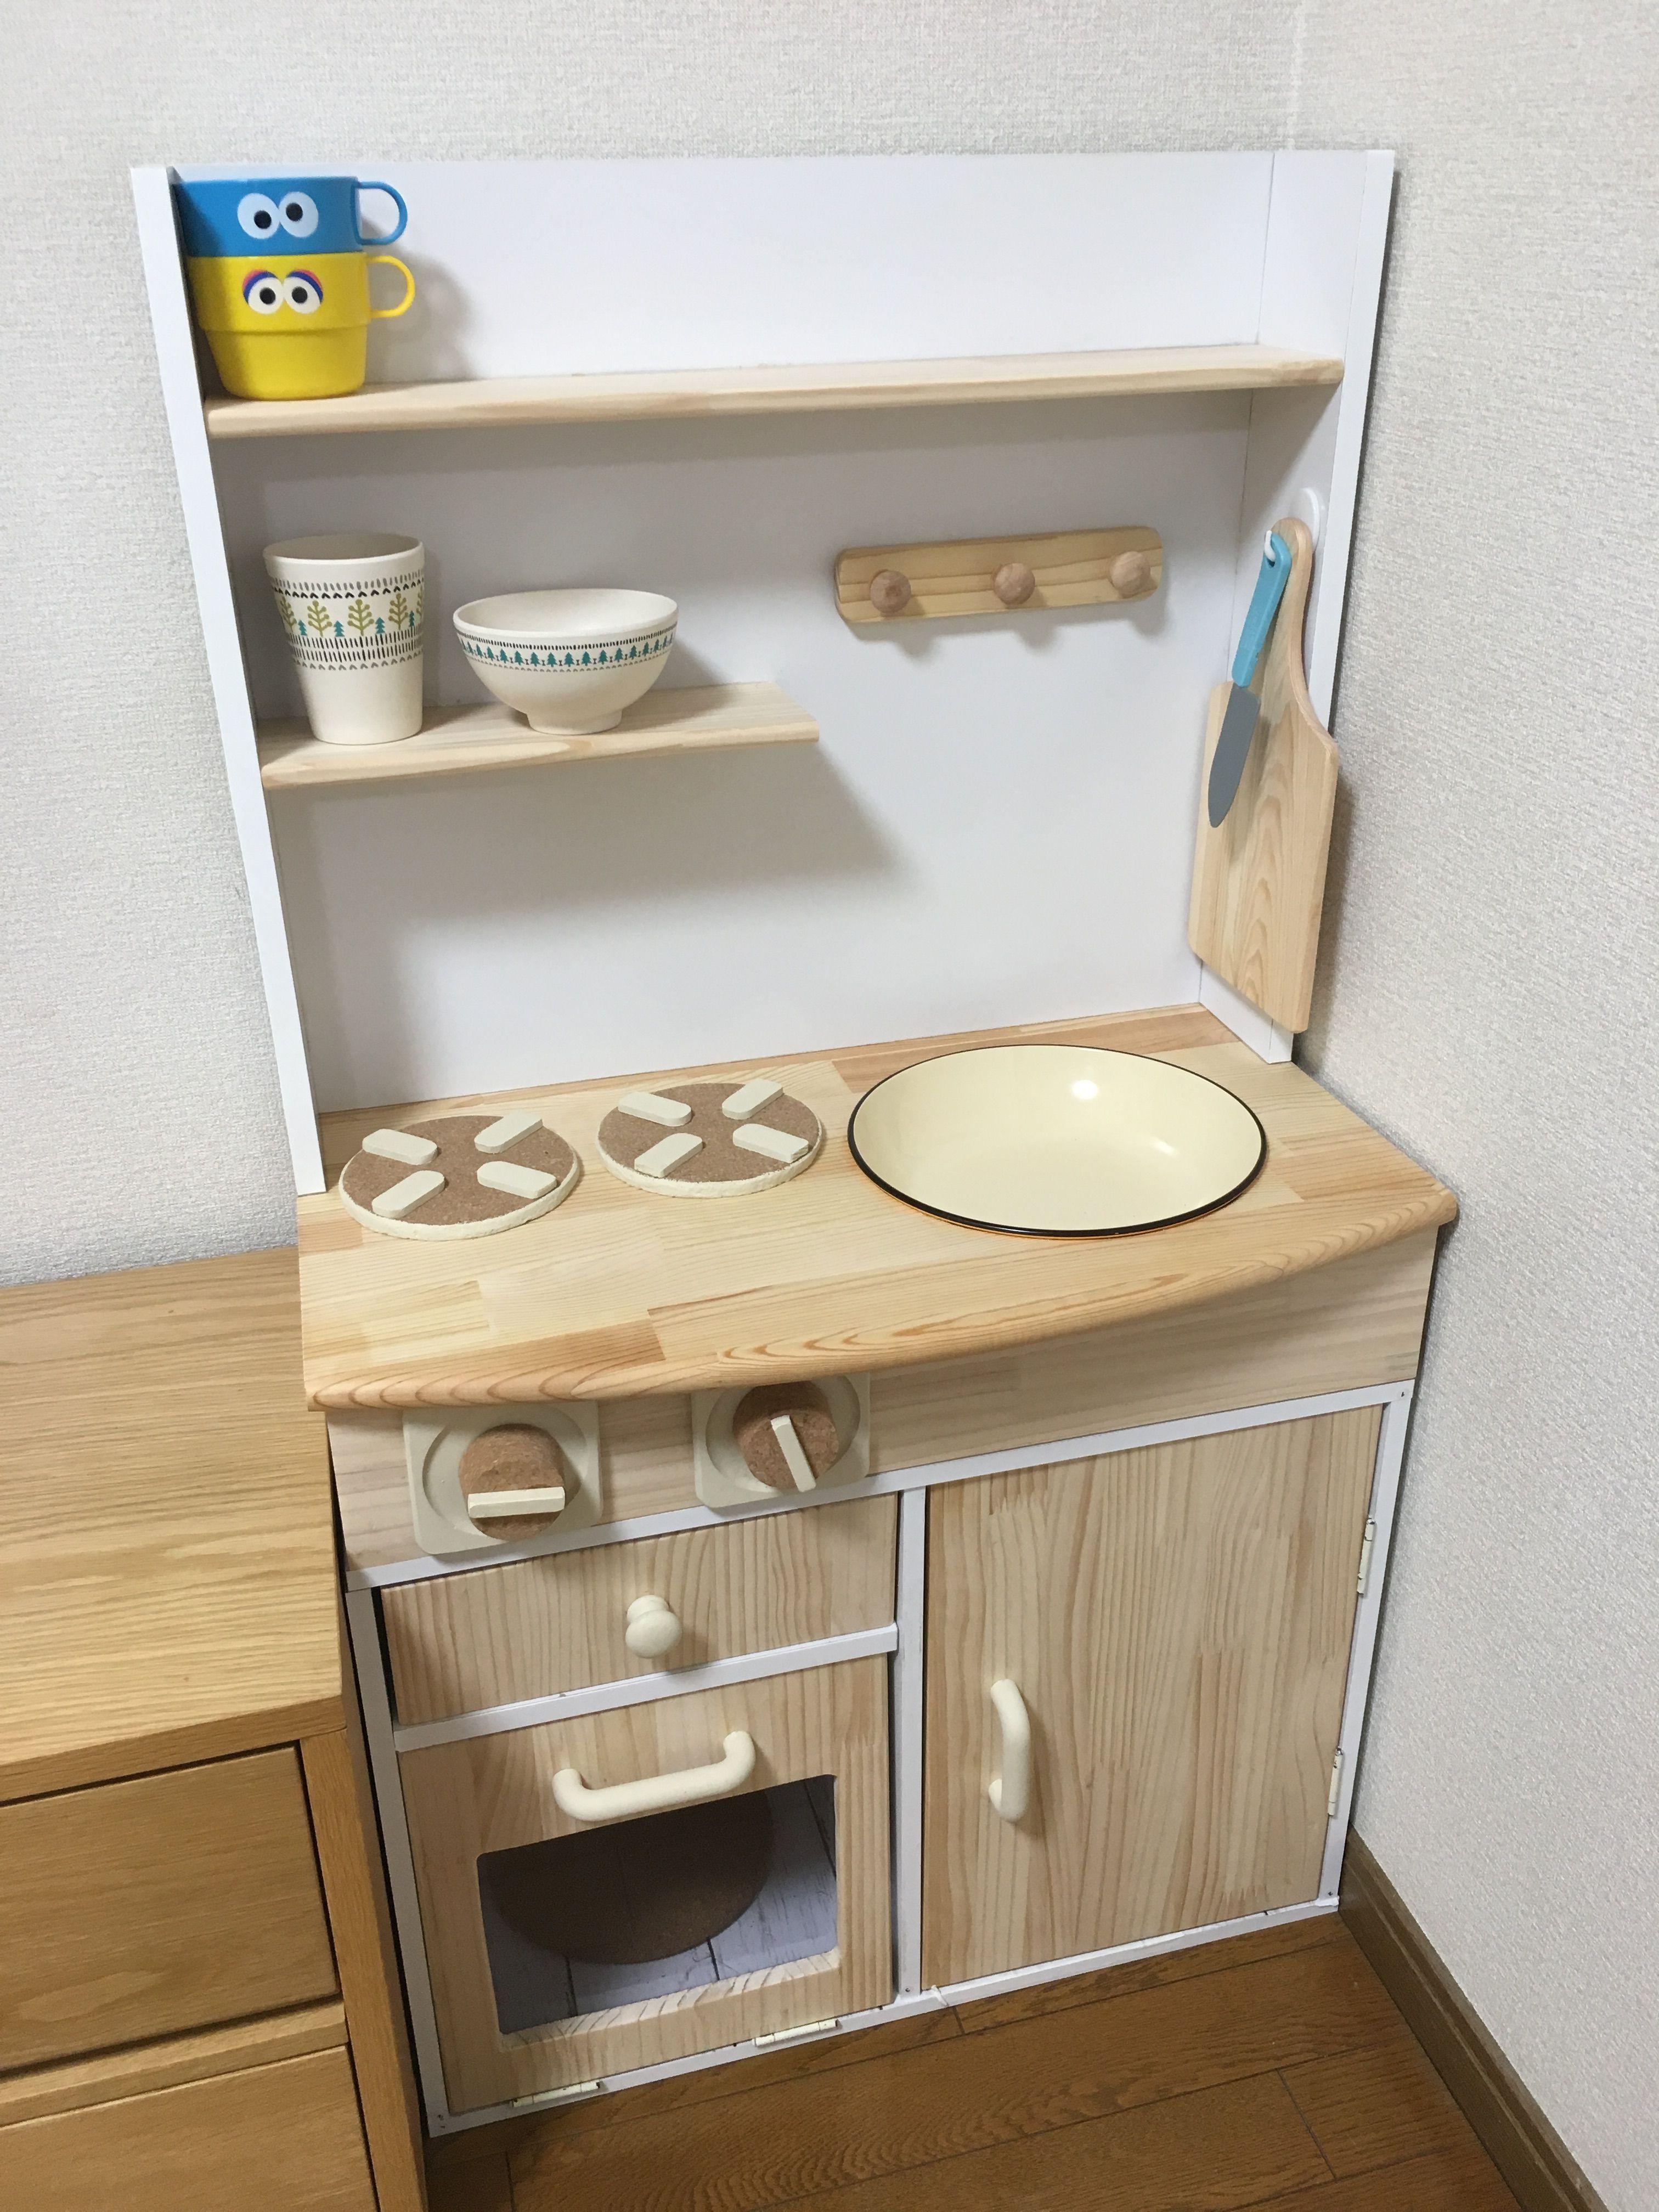 おままごとキッチン Diy カラーボックス 子供のおもちゃ キッチン Diy おままごと用キッチン ままごとキッチン Diy